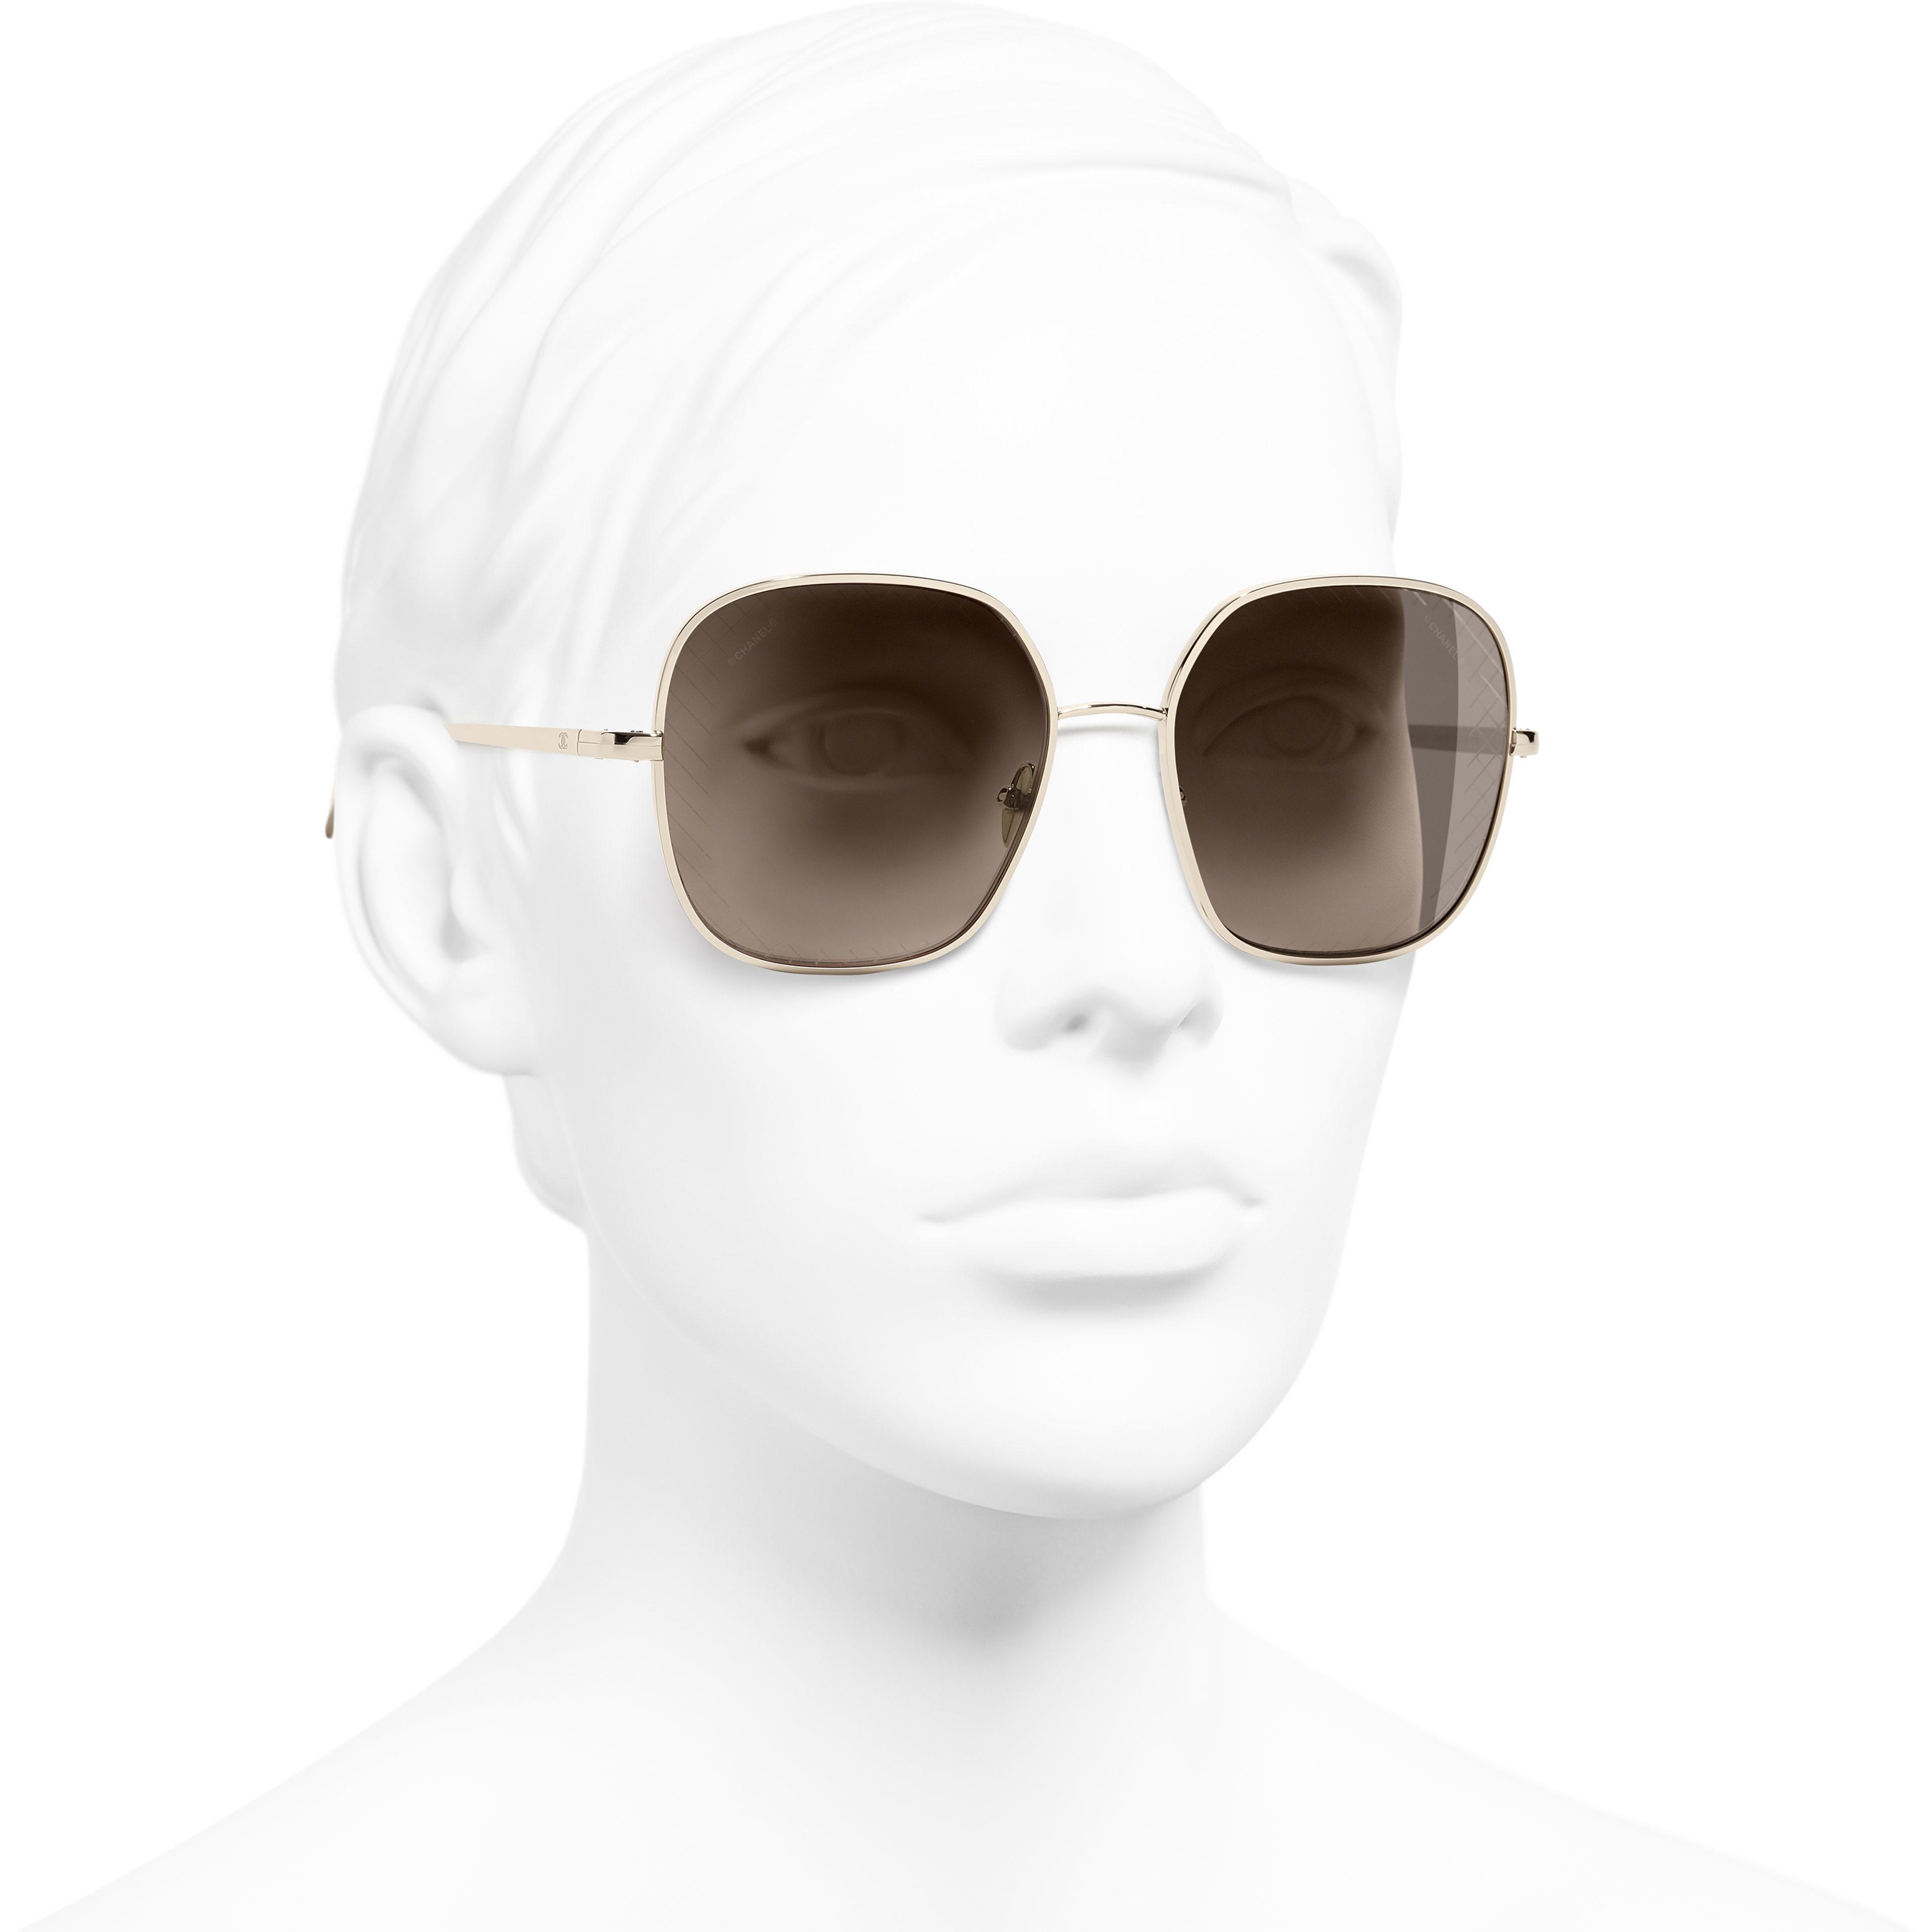 Солнцезащитные очки квадратной формы - Золотистый - Металл - Вид в три четверти - посмотреть изображение стандартного размера